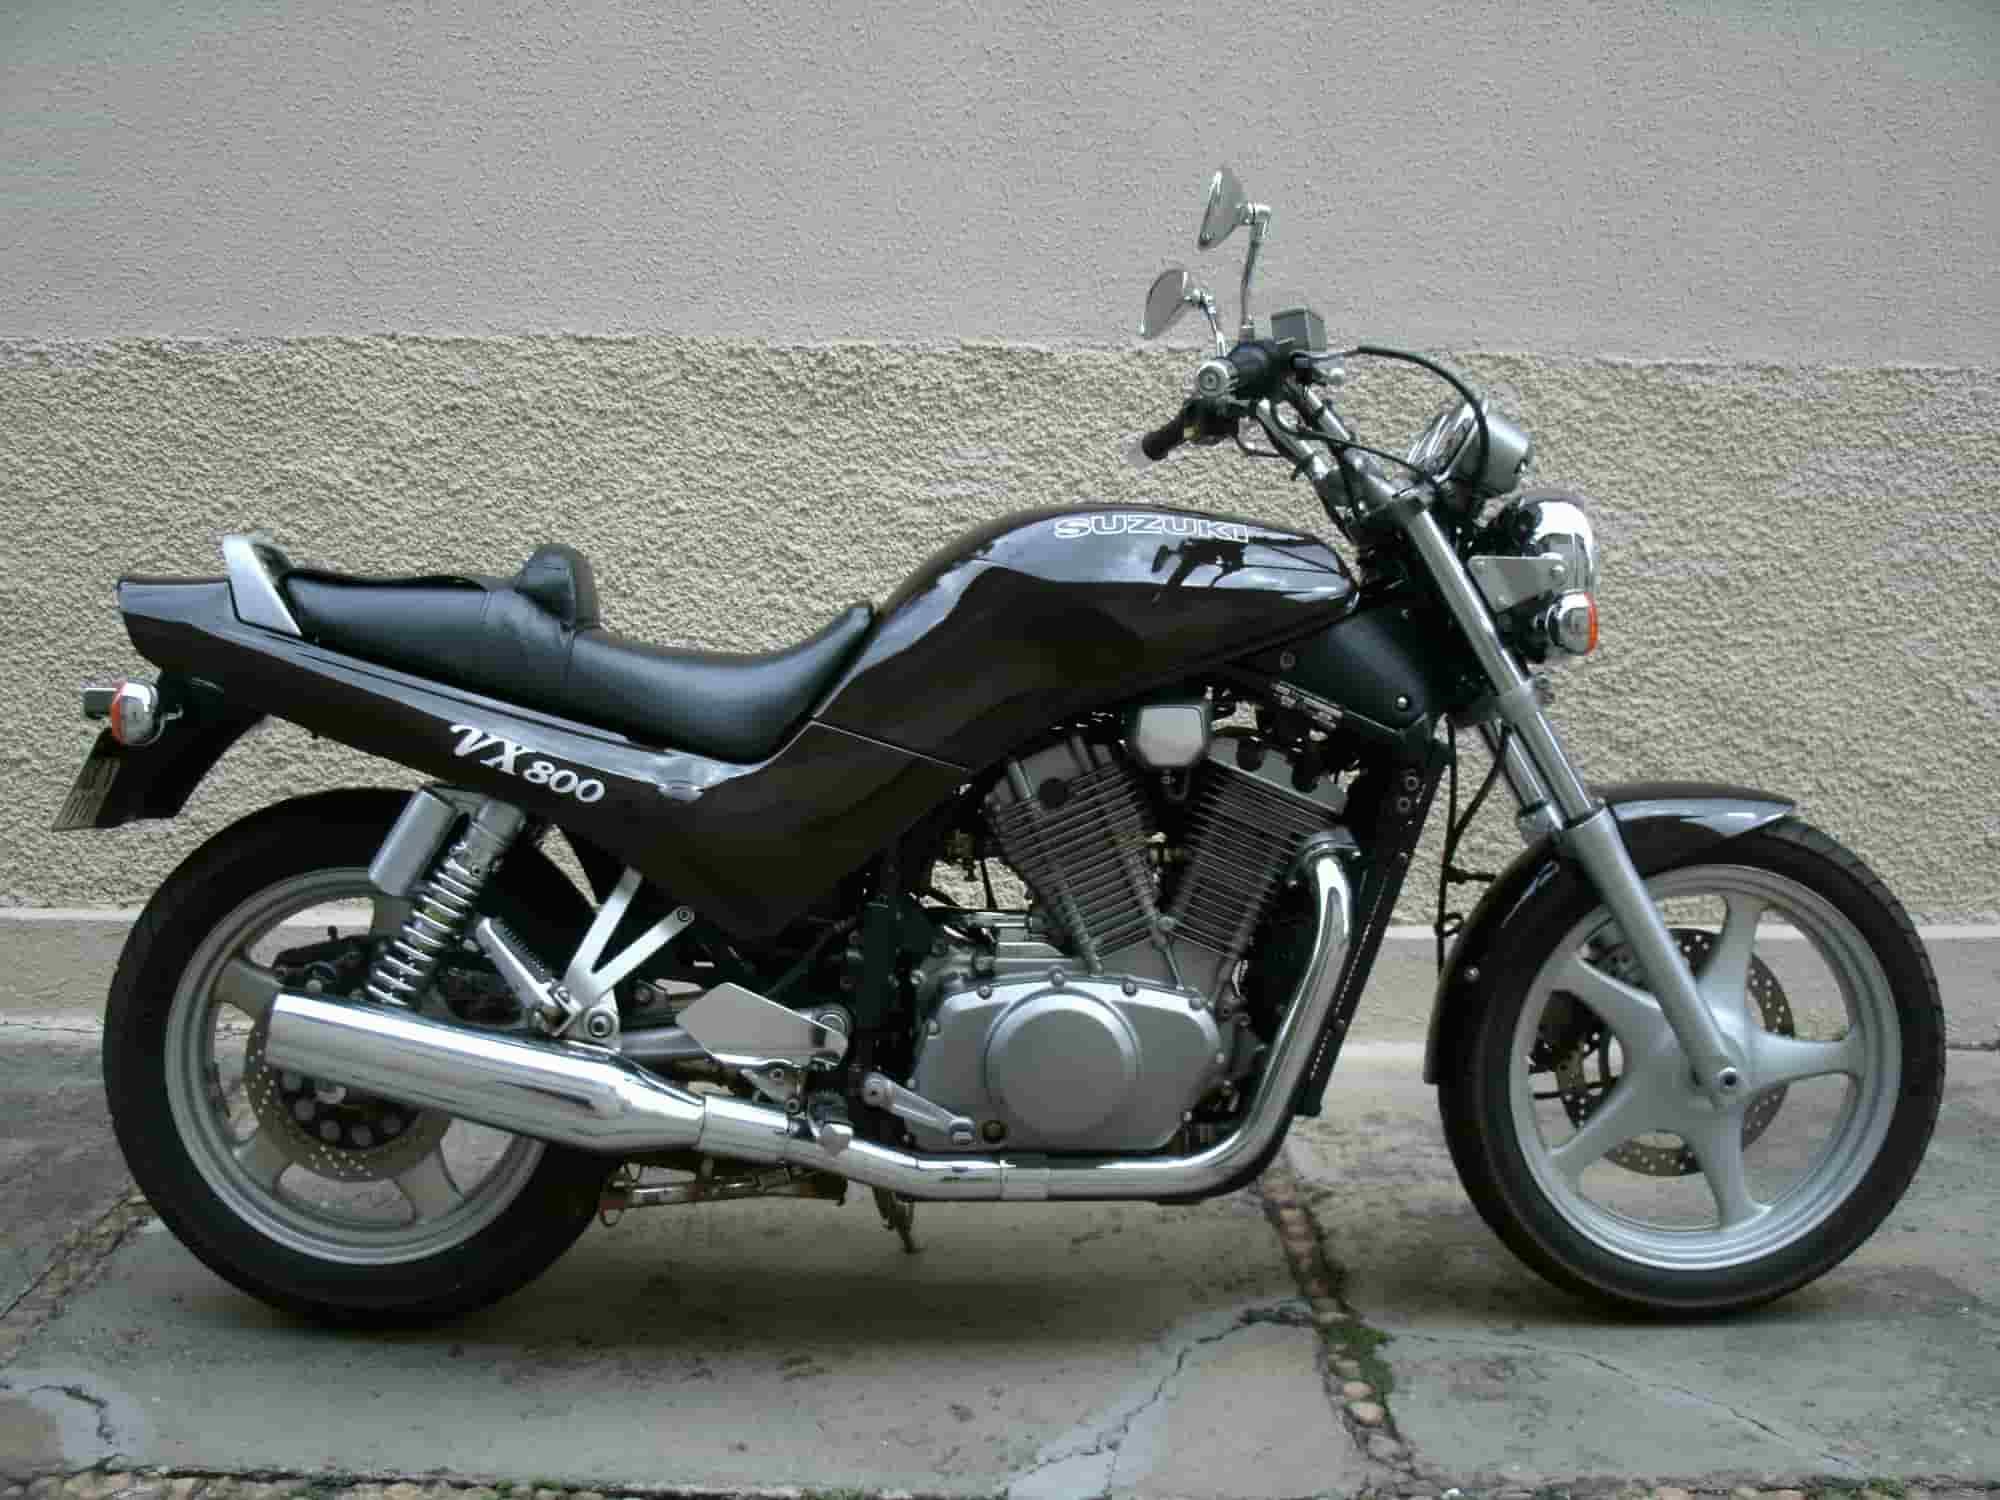 suzuki_vx800-1990-1994